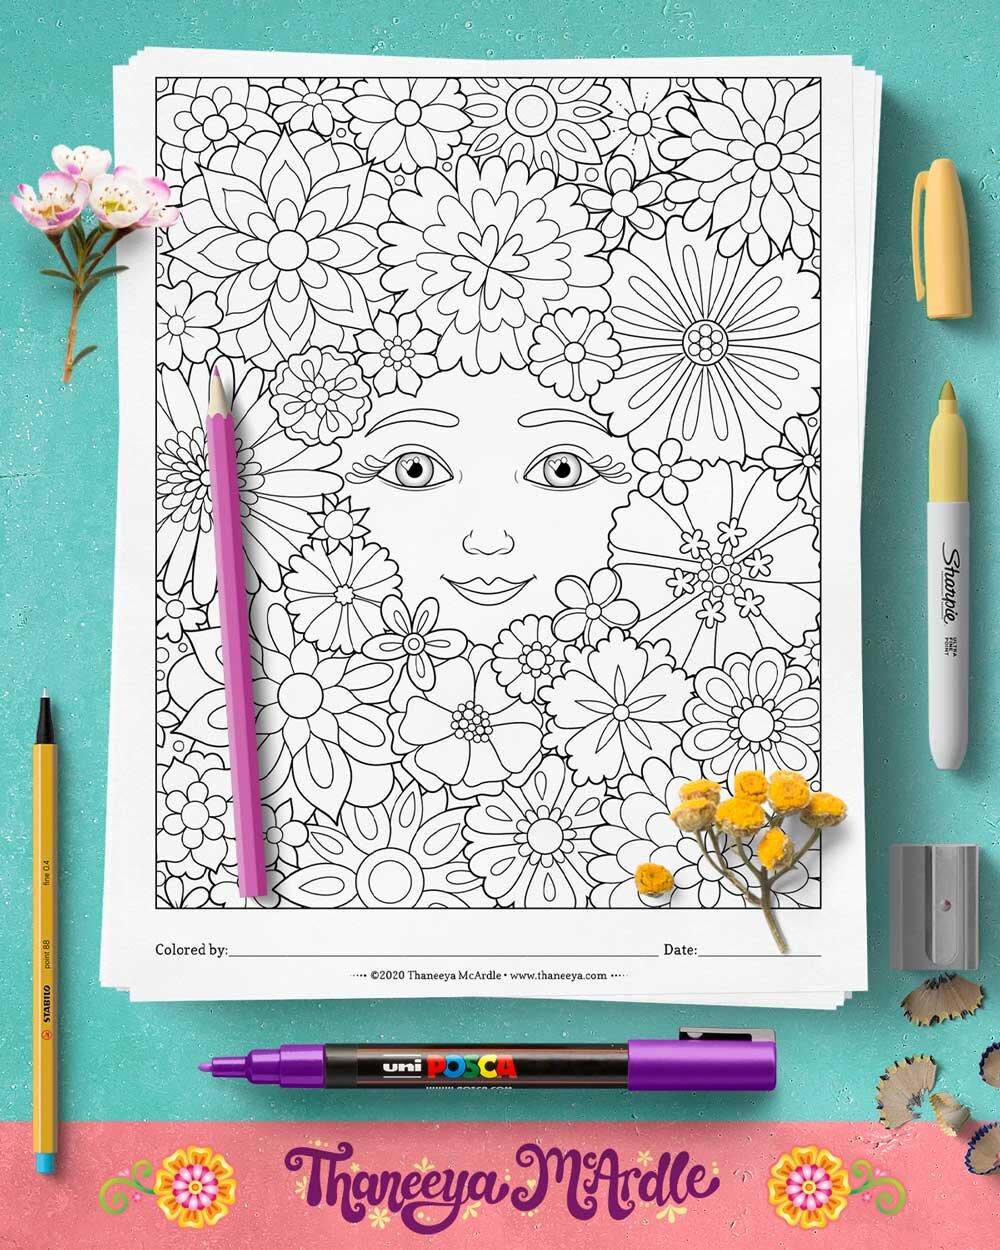 异想天开的脸在花朵上色页-一套10印刷迷人的脸上色页,由Thbetway必威官网appaneeya McArdle必威西蒙体育 欧盟体育